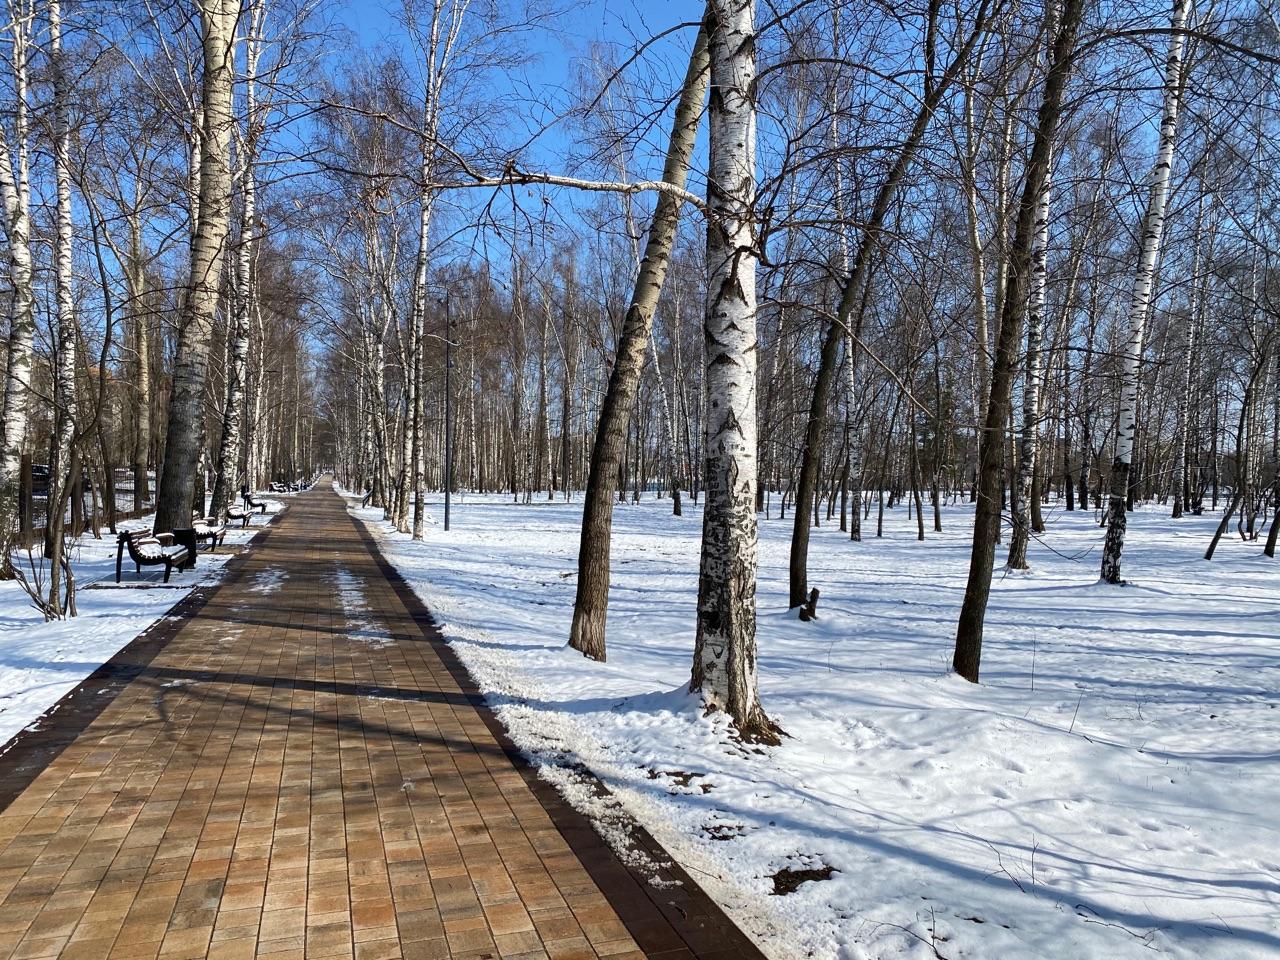 Парки пустые, на улицах люди. Следим за ситуацией в карантинном Нижнем Новгороде